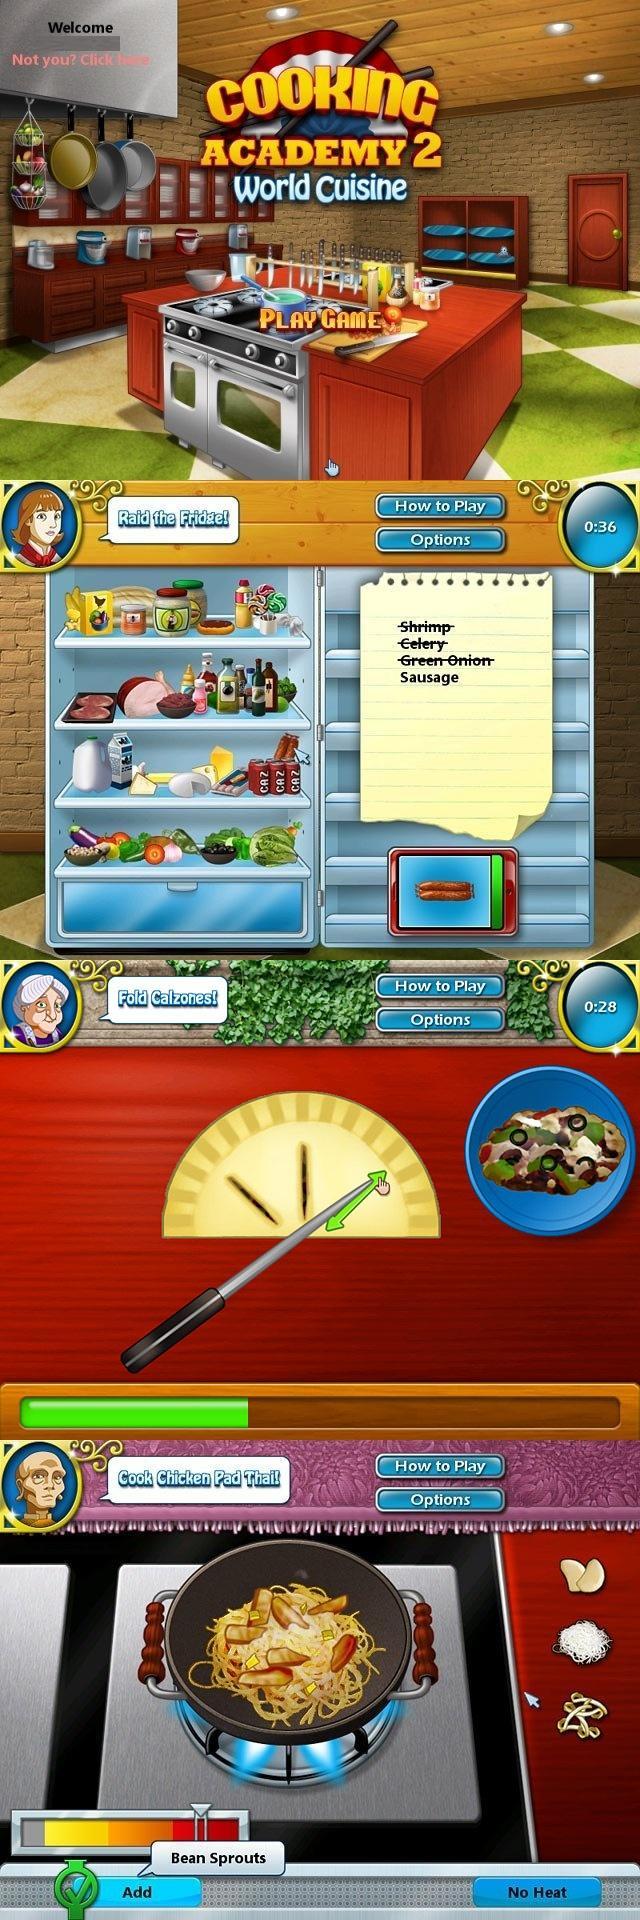 لعبة cooking academy 3 كاملة مجانا